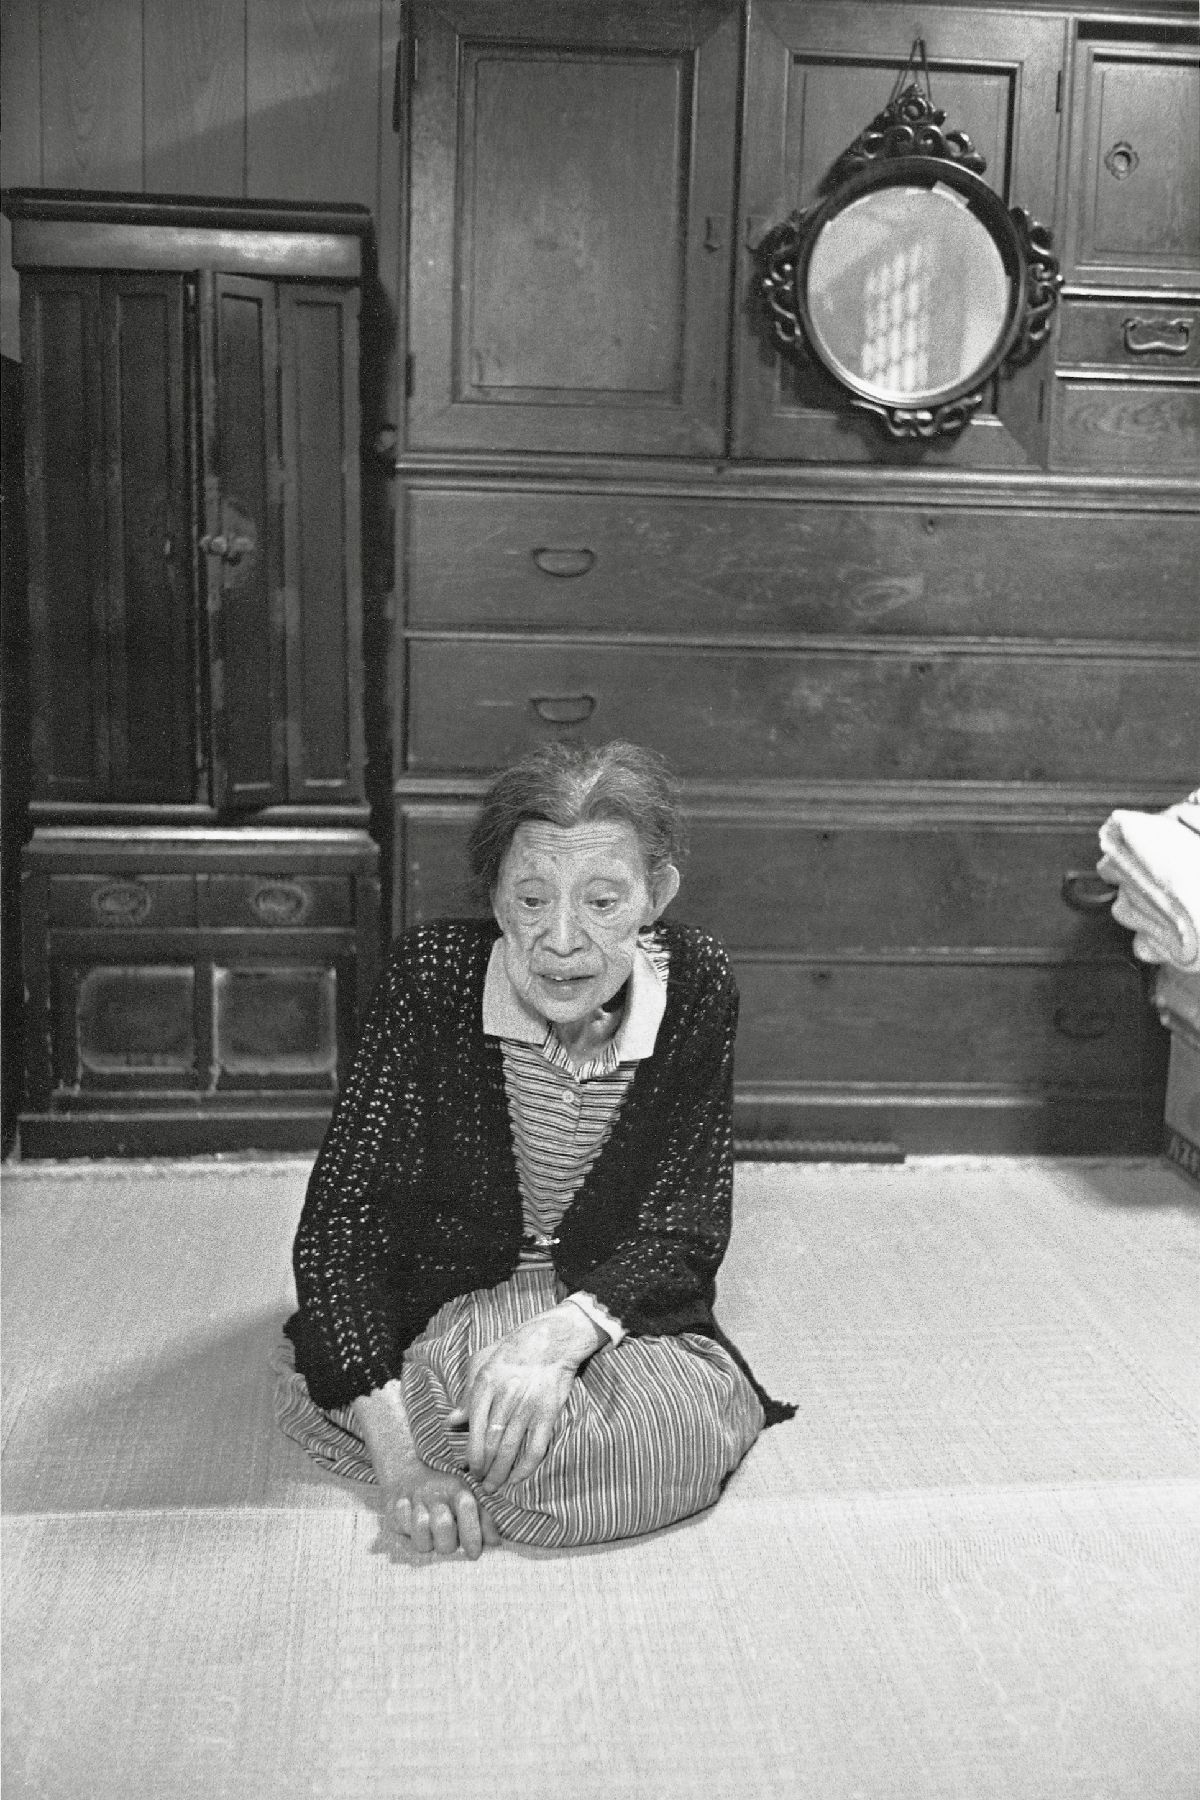 清水ツルコ。背後の箪笥は彼女が17歳のときから波乱の人生を見てきた(広島、1994年)©Yoshino Oishi